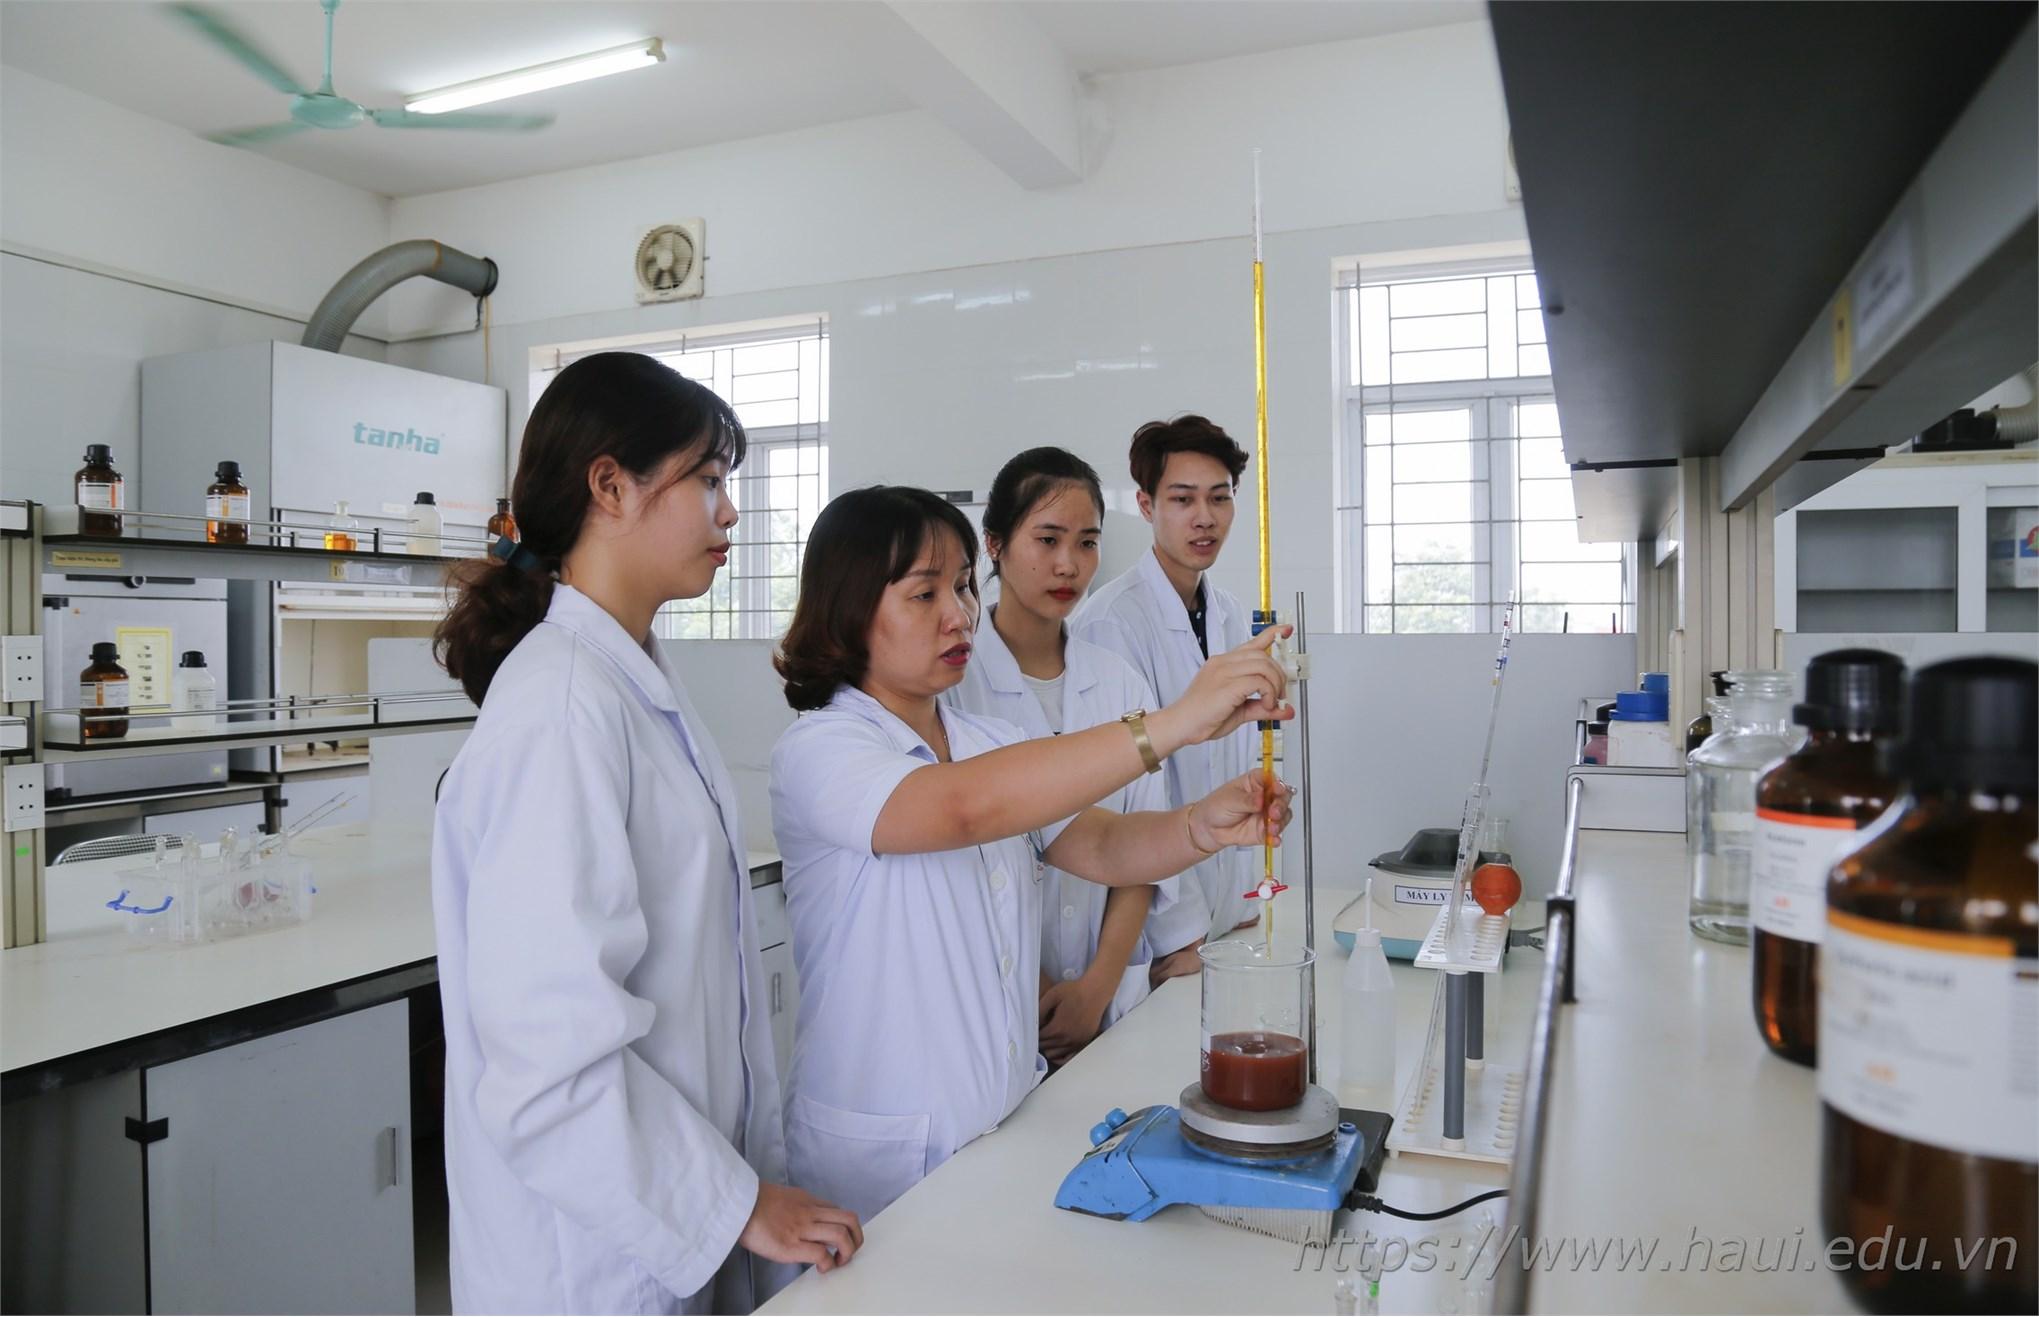 Sinh viên khoa Công nghệ Hóa, đại học công nghiệp Hà Nội với nghiên cứu khoa học